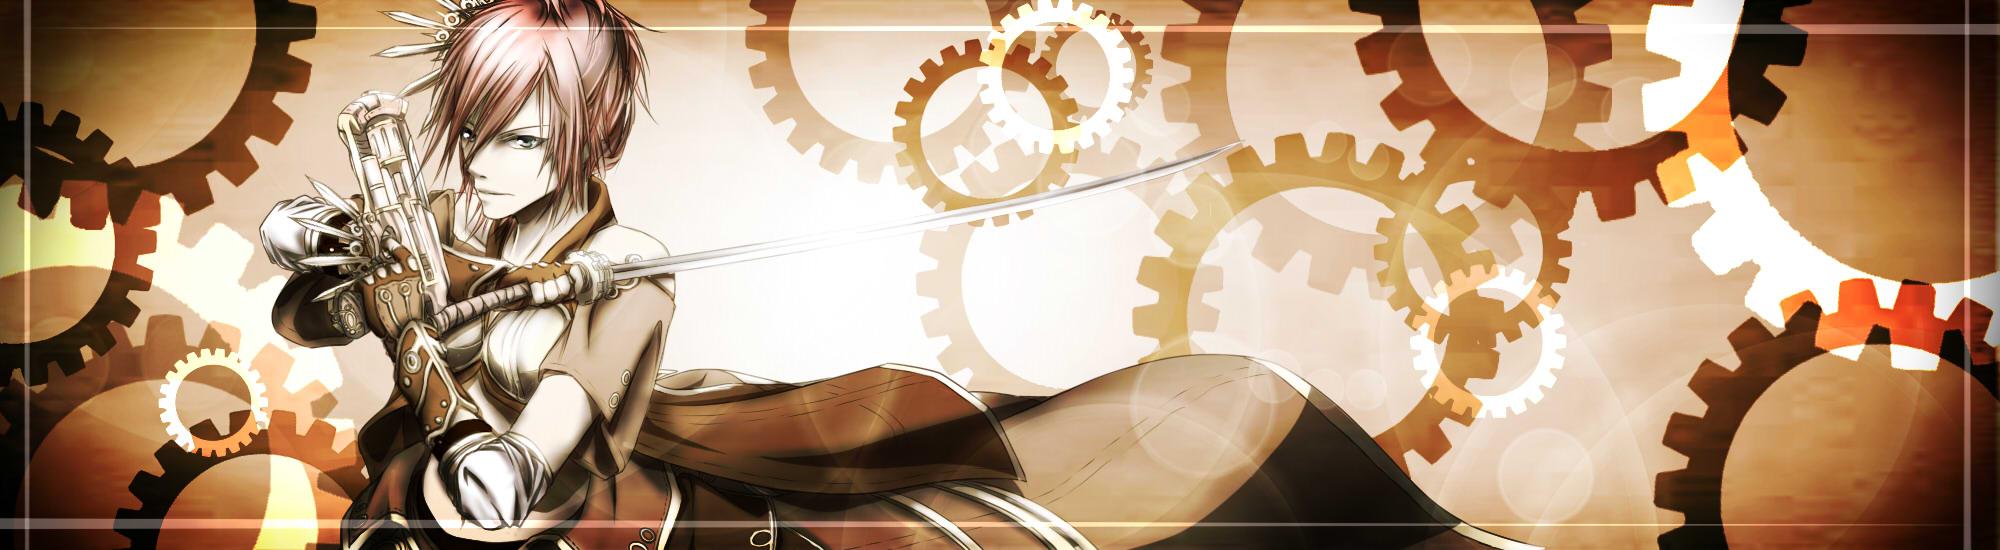 FFXIII- Steampunk by LyricaDreams